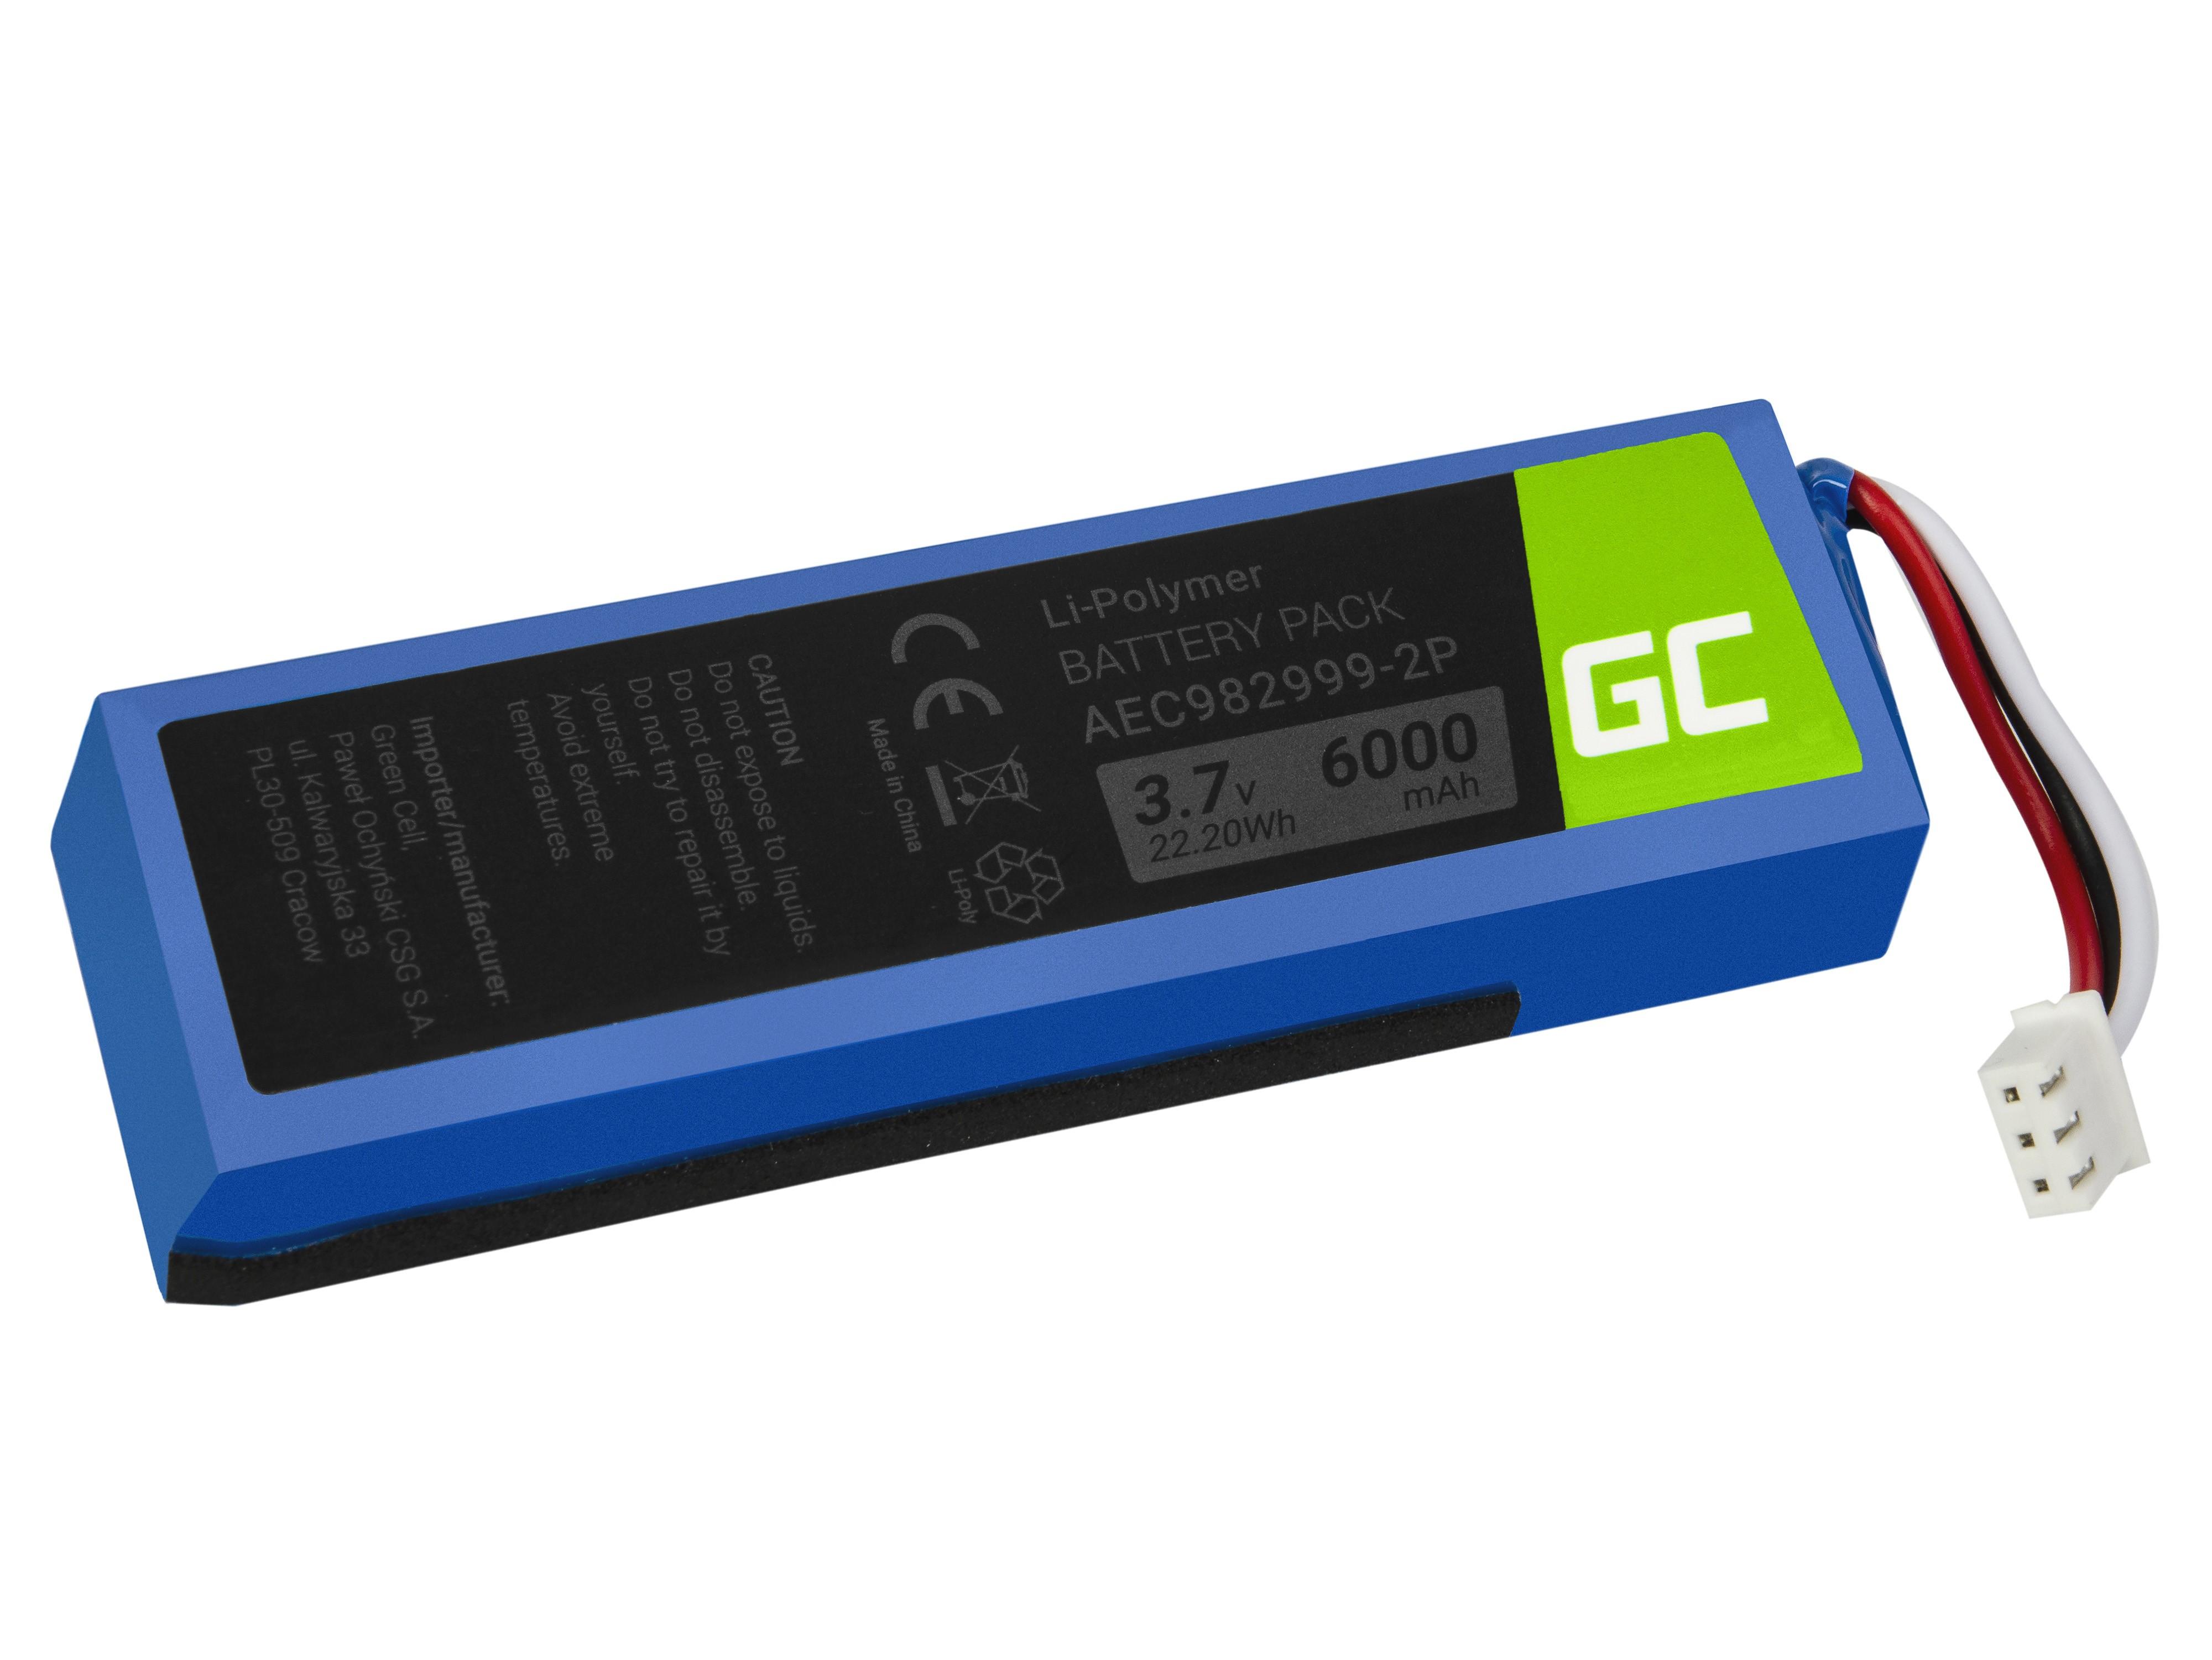 Green Cell AEC982999-2P högtalarbatteri för JBL-laddning